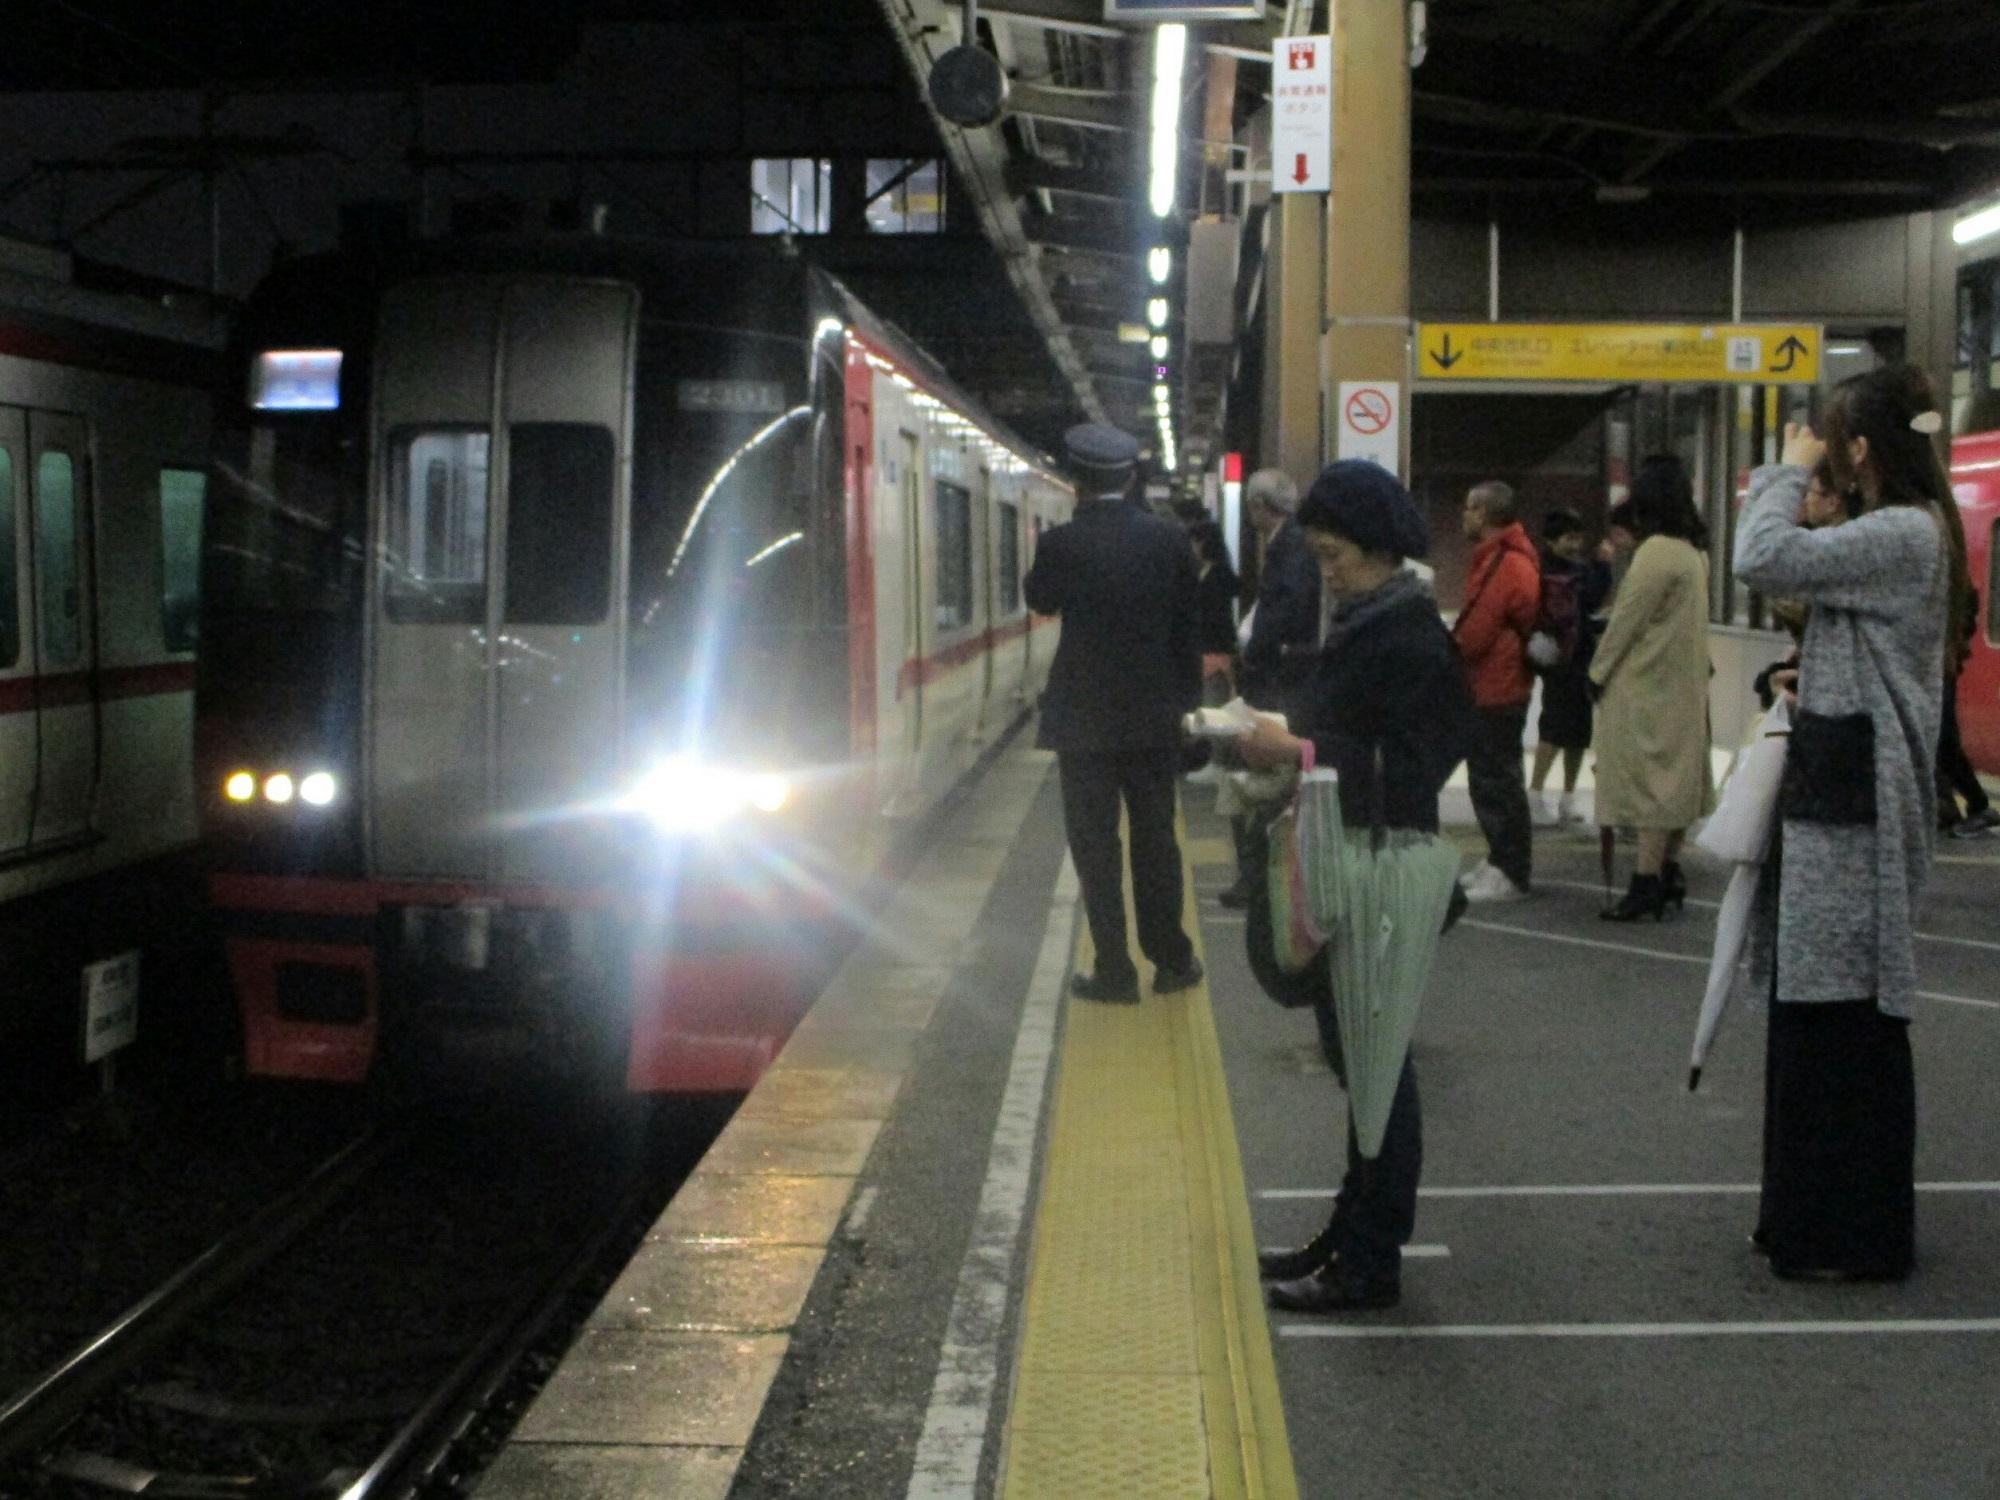 2018.11.4 (1) 東岡崎 - 岐阜いき特急 2000-1500